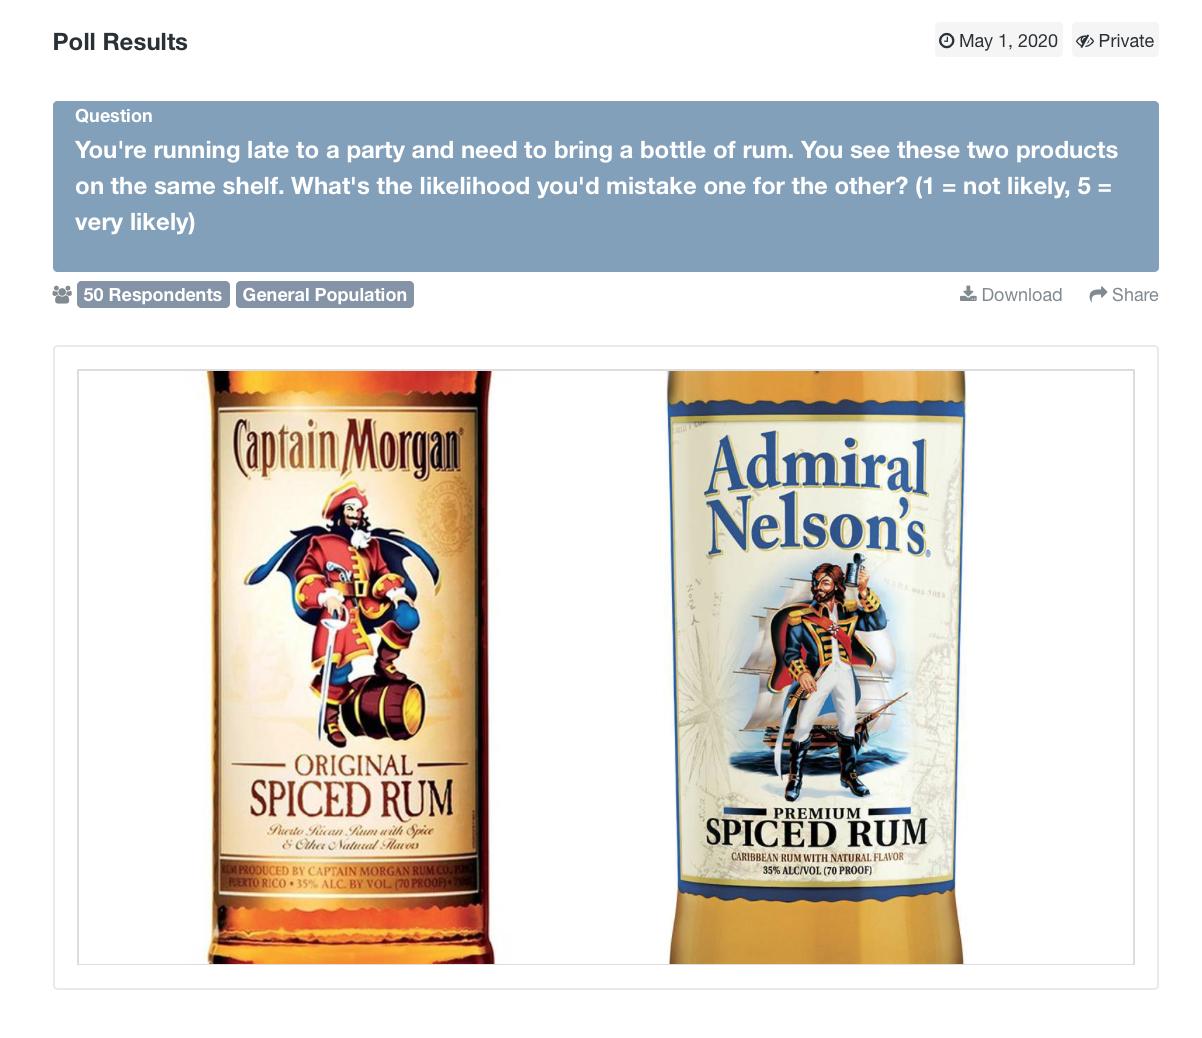 Screenshot of two rum bottles in PickFu poll